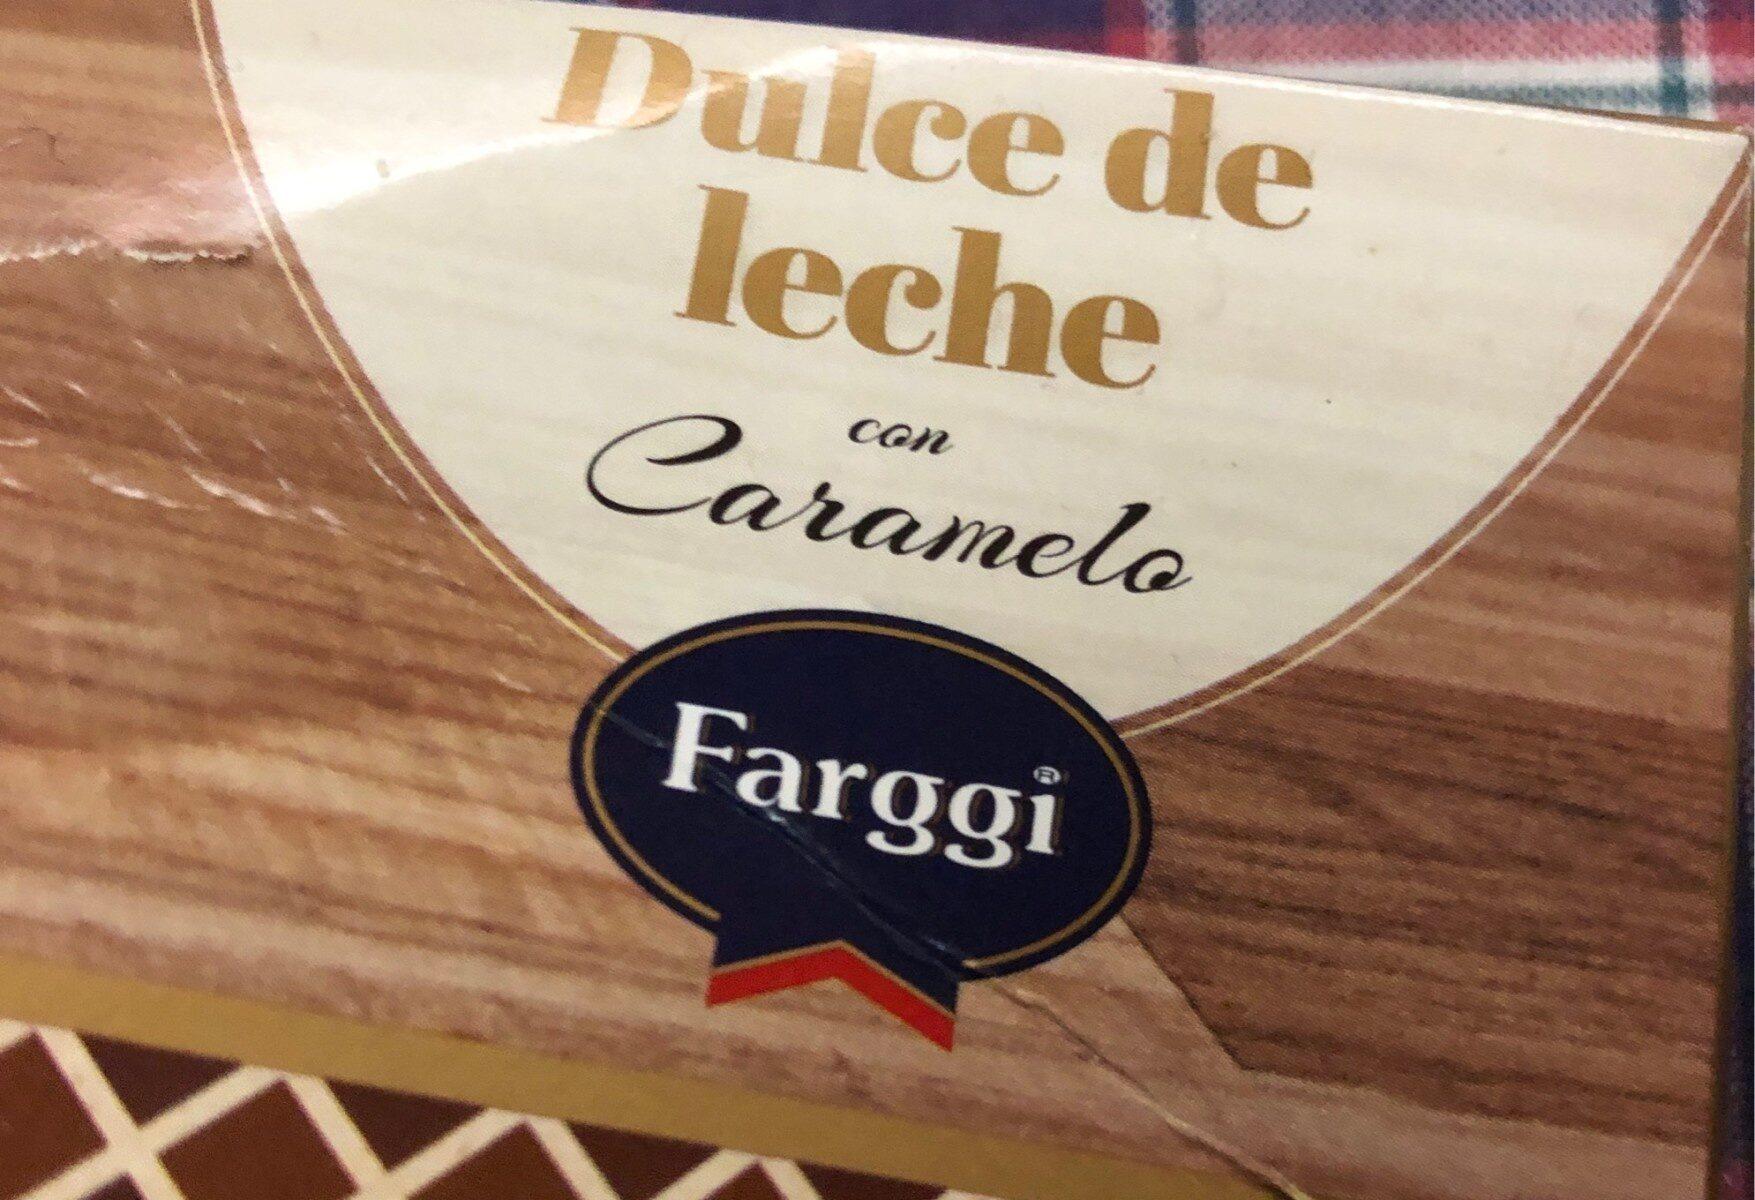 Dulce de leche con caramelo - Producte